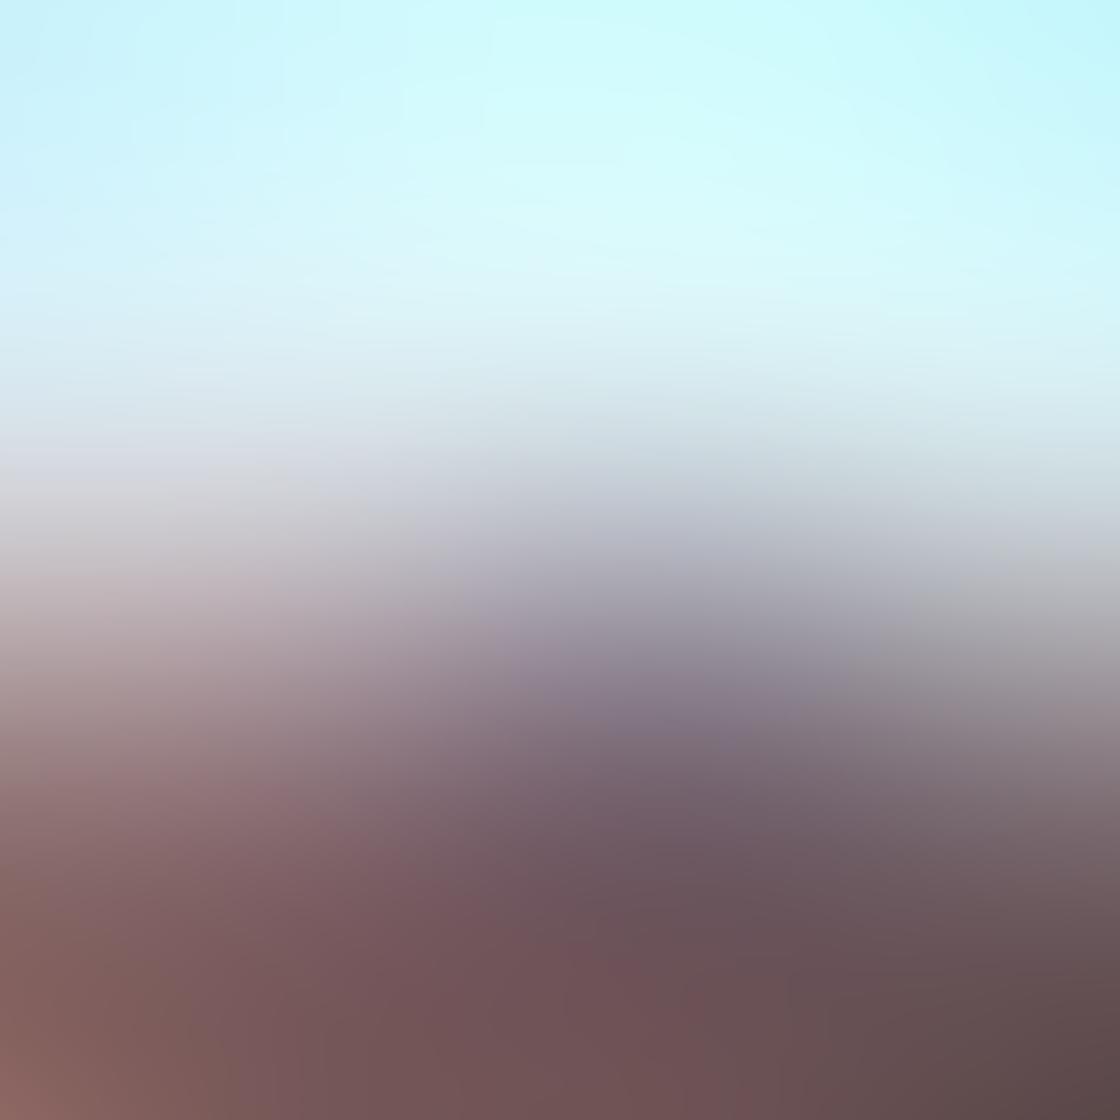 iPhone photo 11